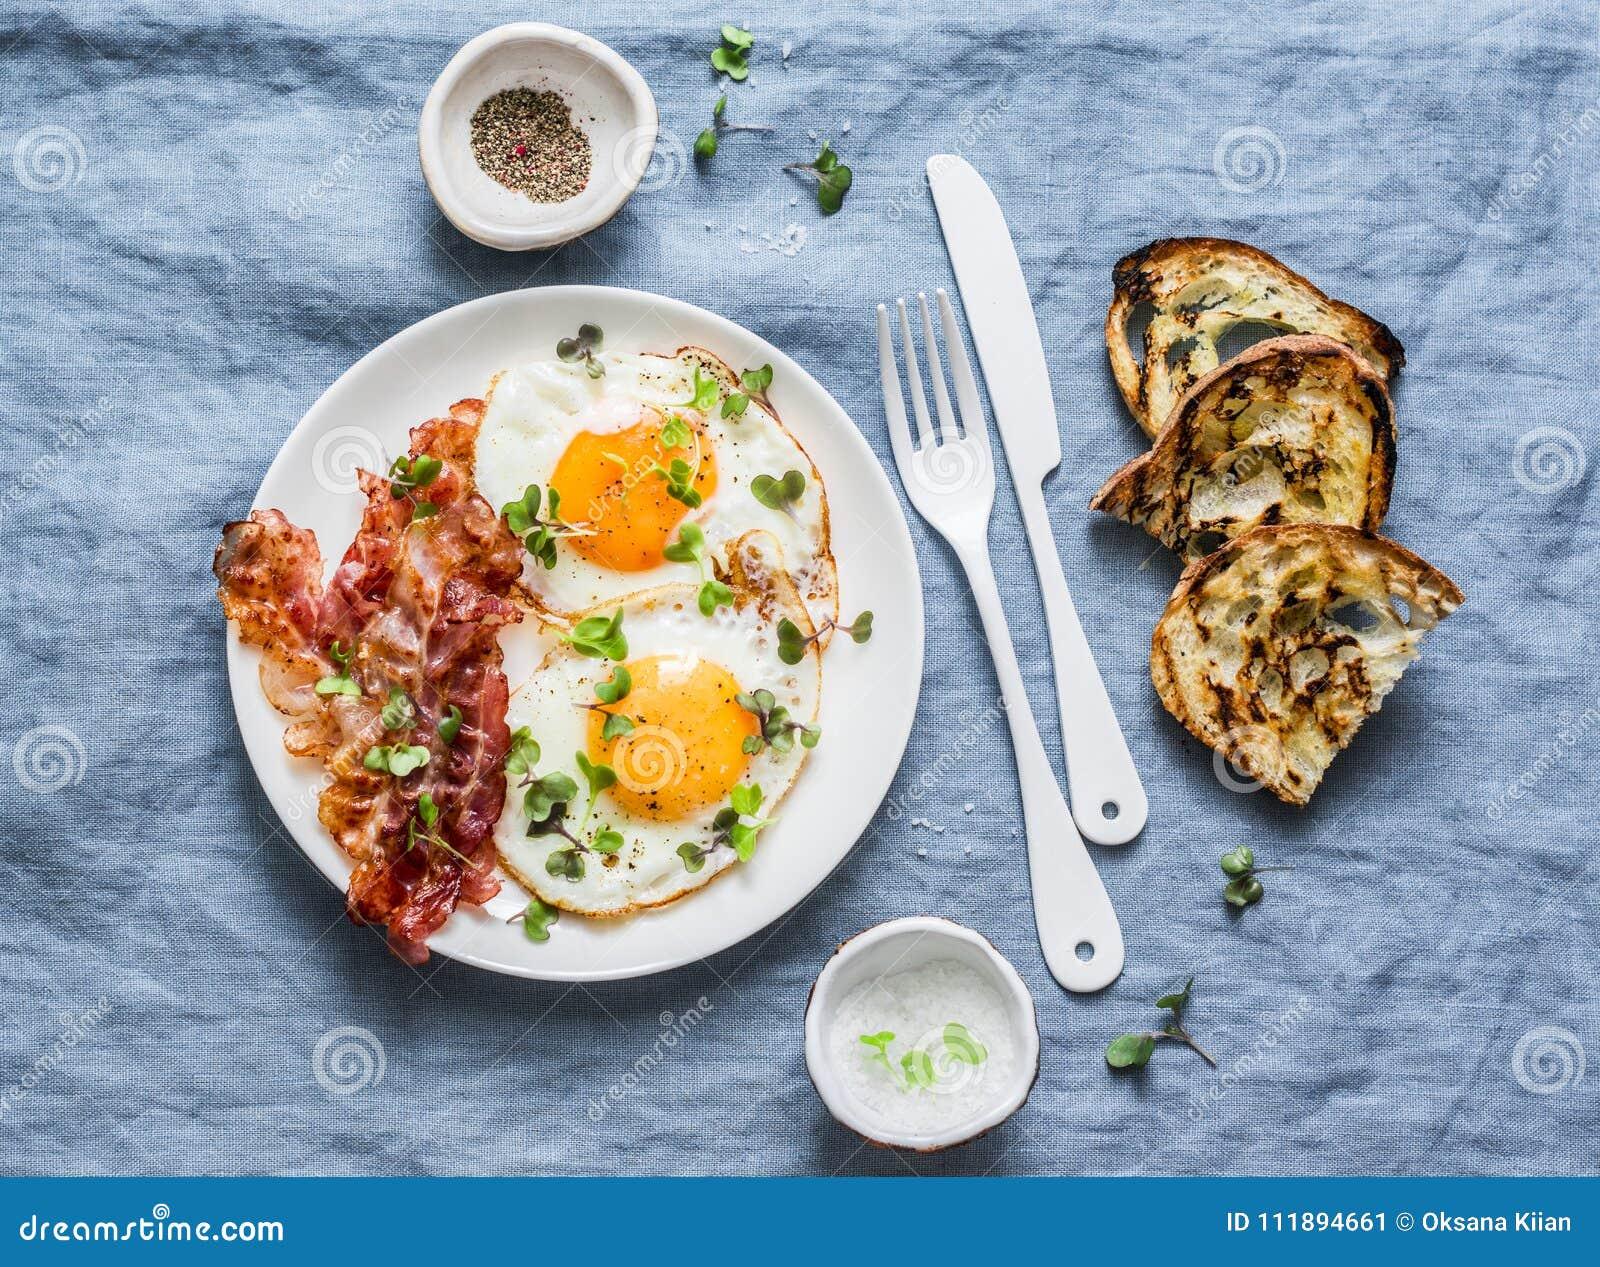 Desayuno o bocado tradicional - los huevos fritos, tocino, asaron a la parrilla el pan en el fondo azul, visión superior